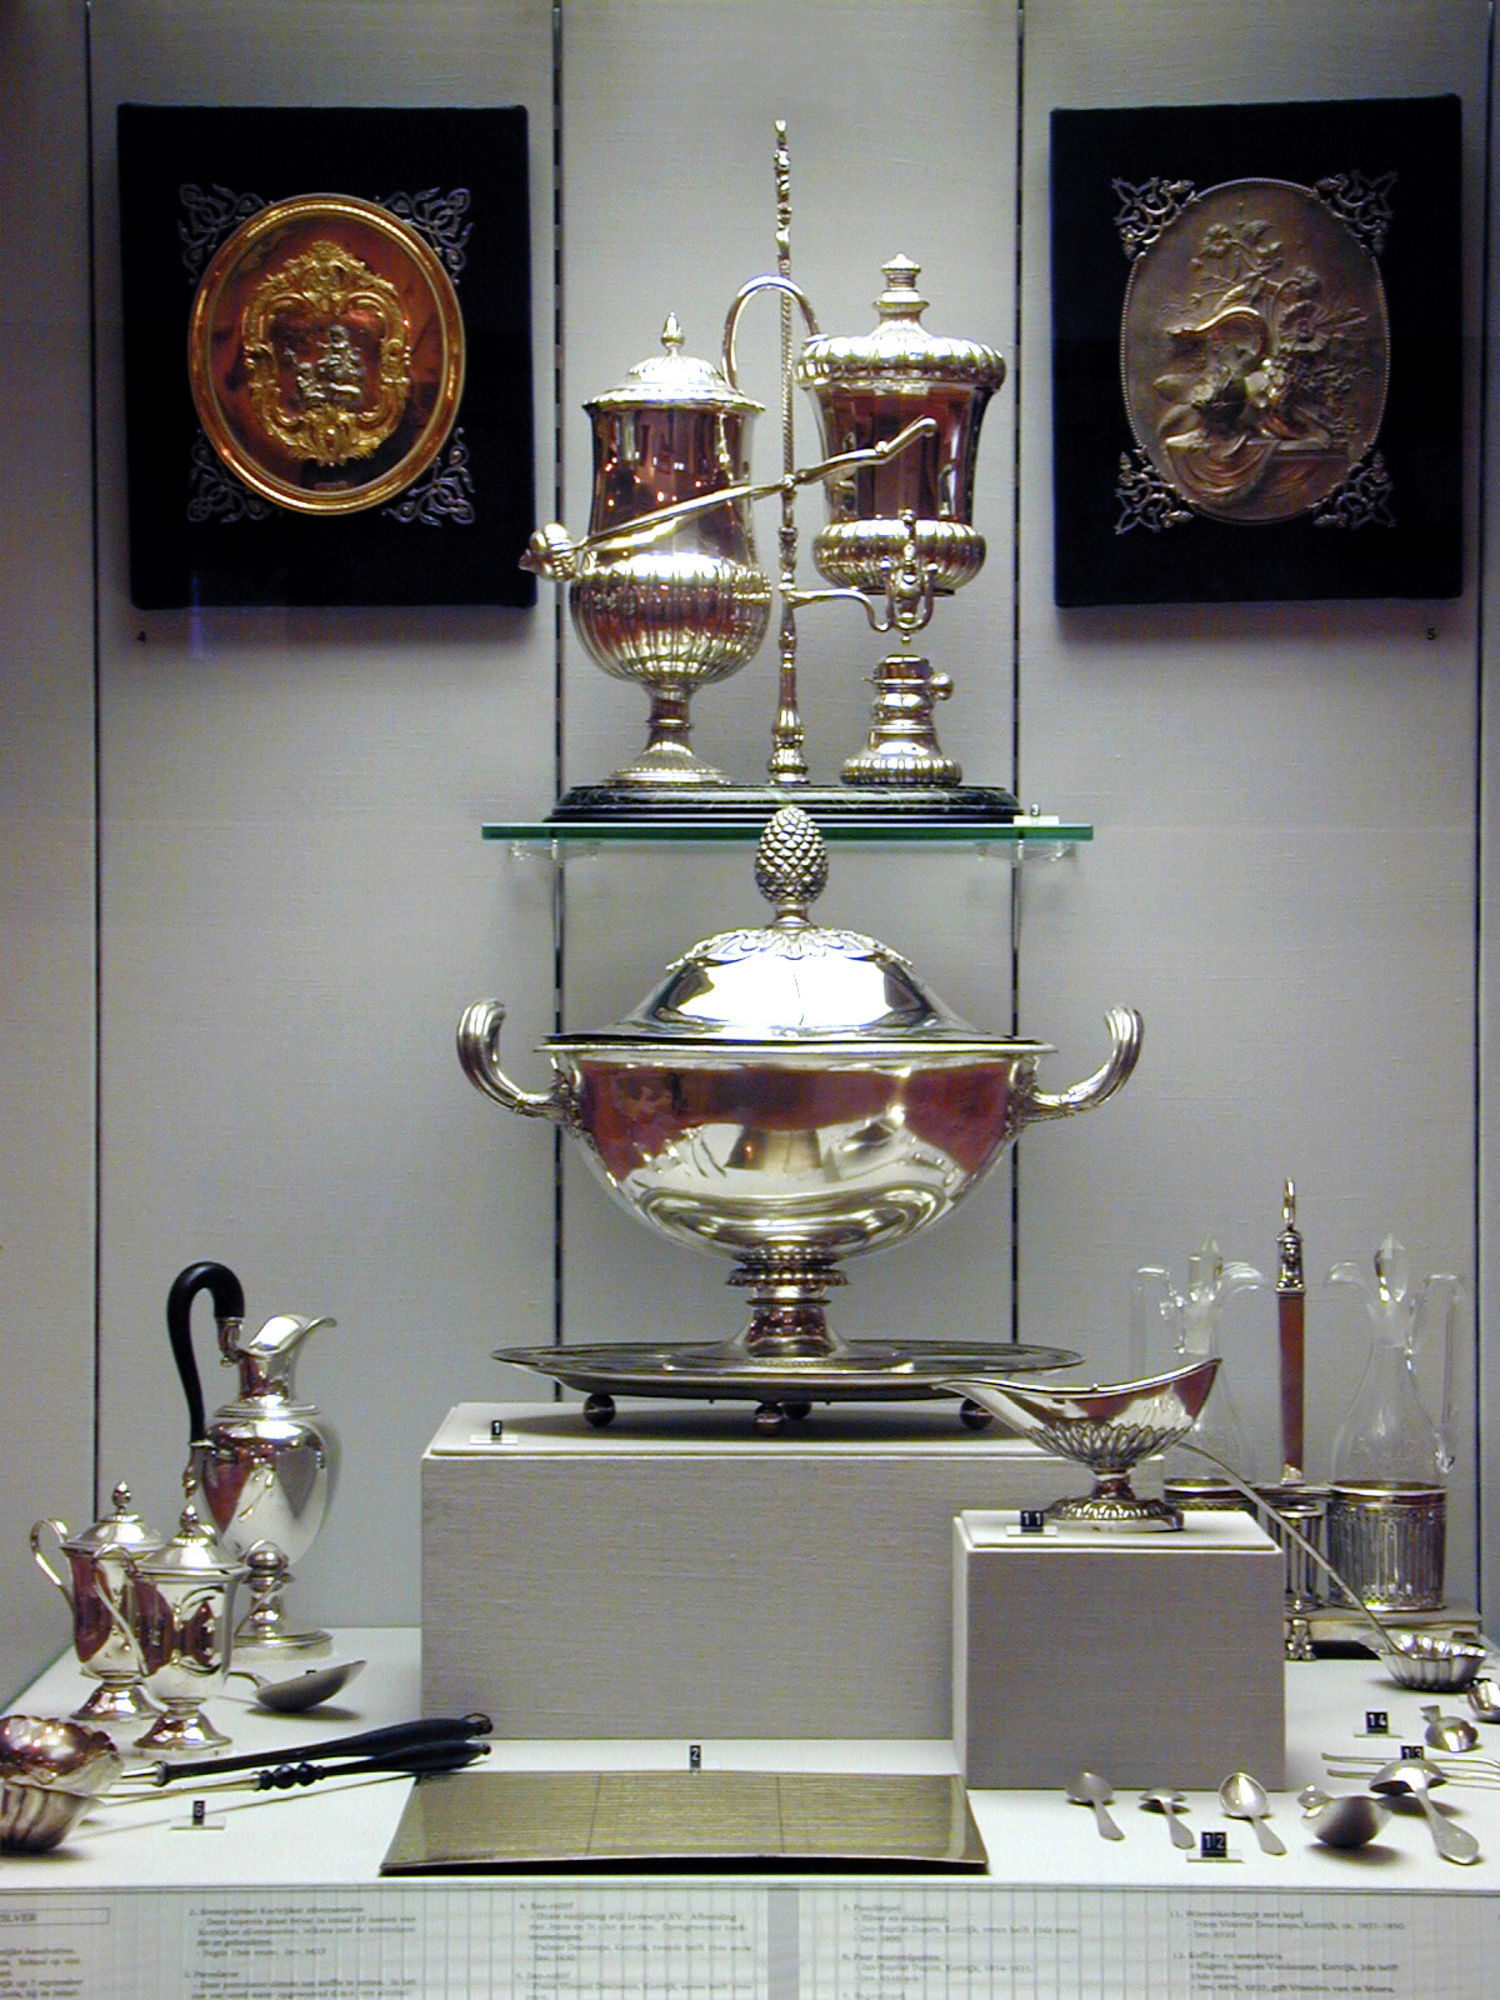 Groeningeabdij museum